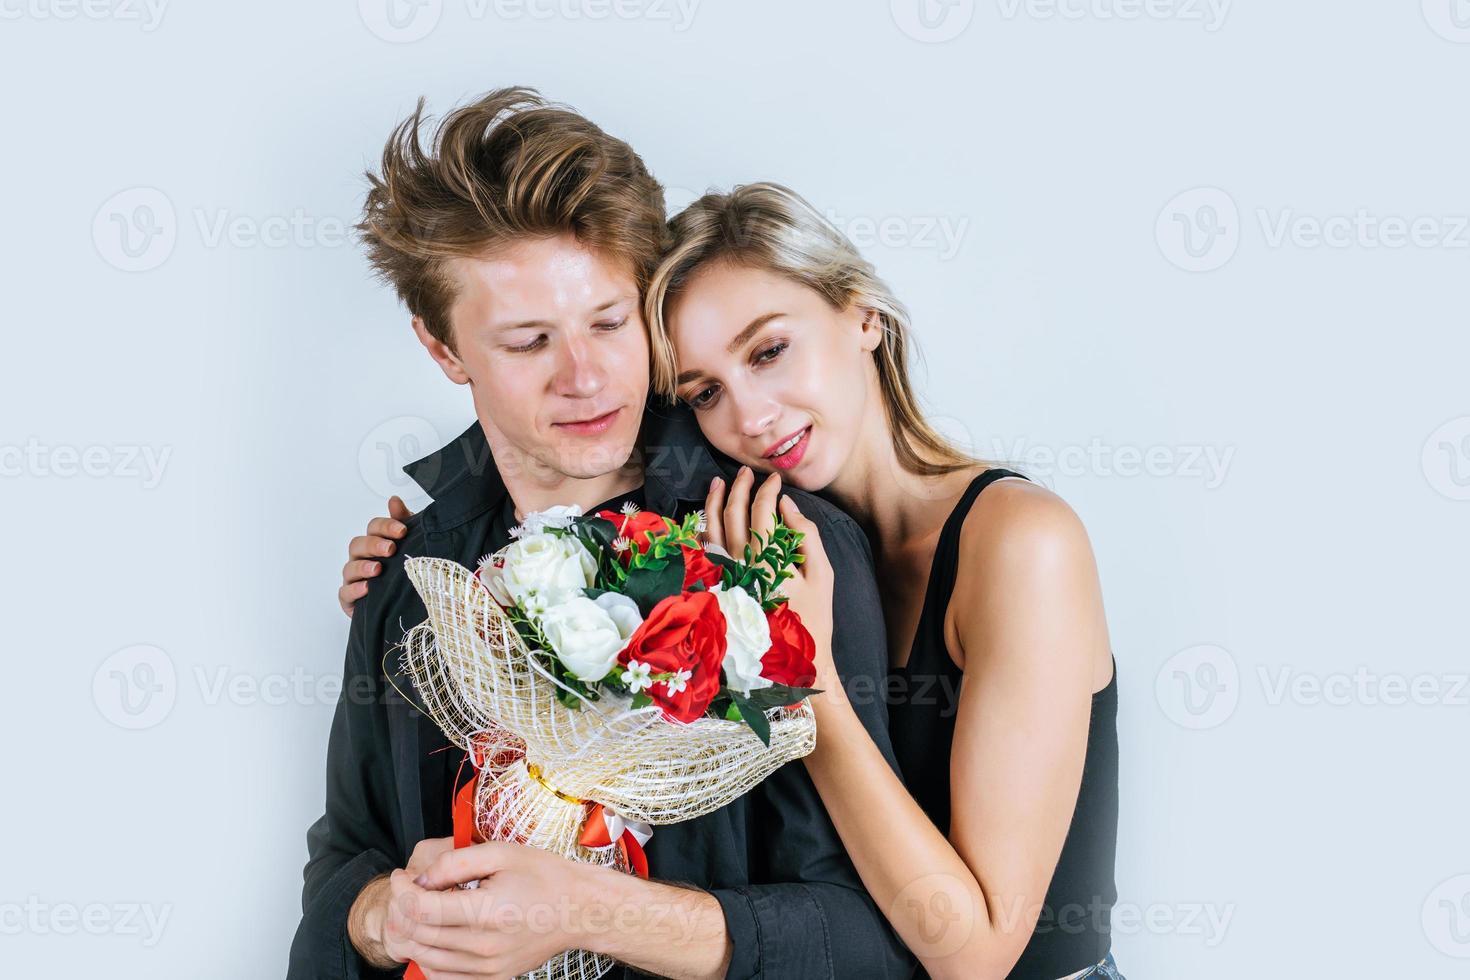 Porträt des glücklichen jungen Paares mit Blumen im Studio foto